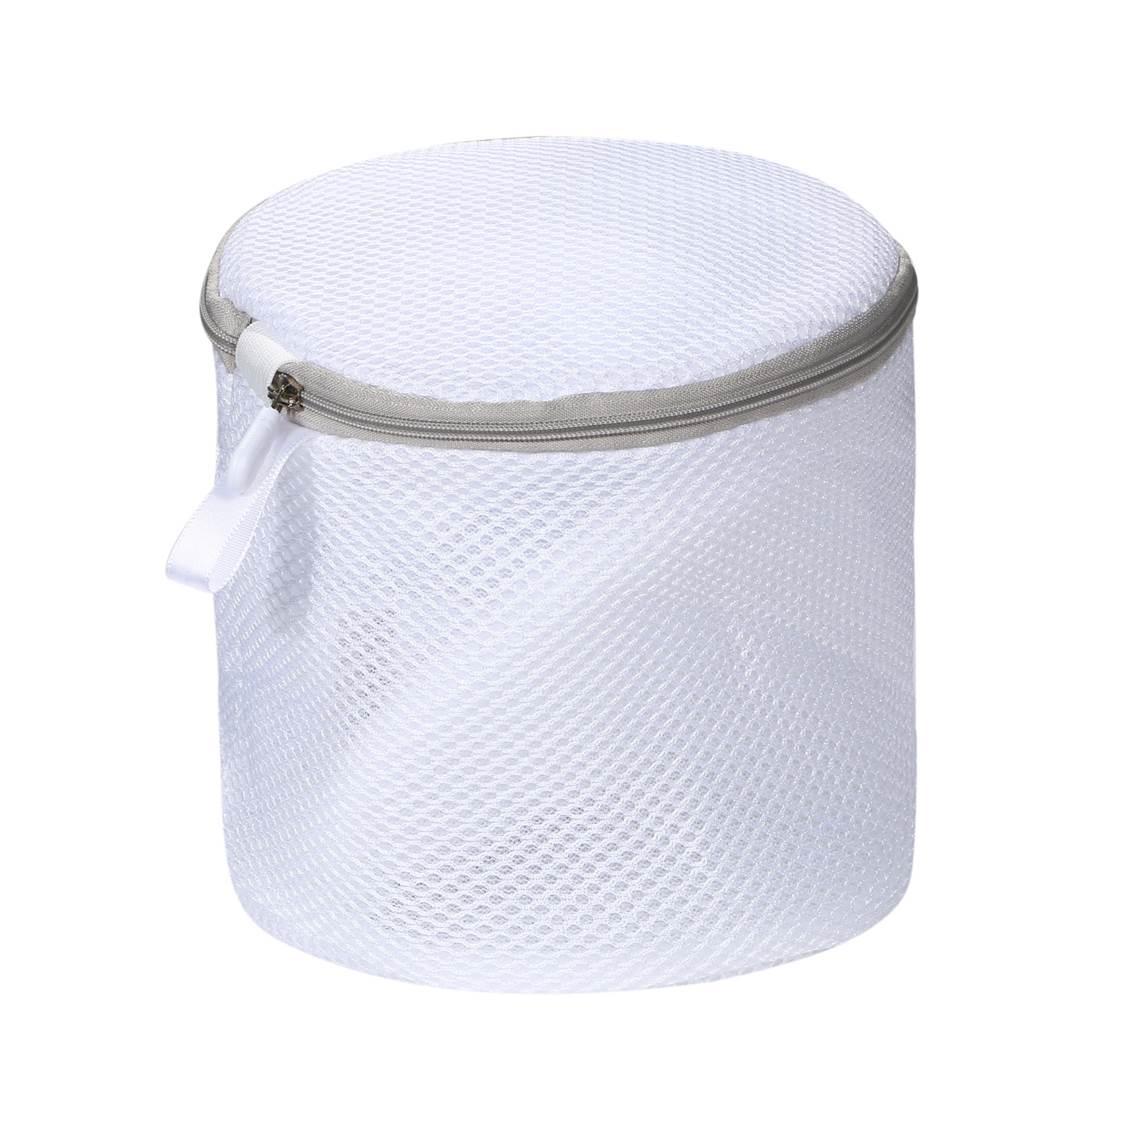 洗濯ネット 立体型 休日 価格交渉OK送料無料 高品質